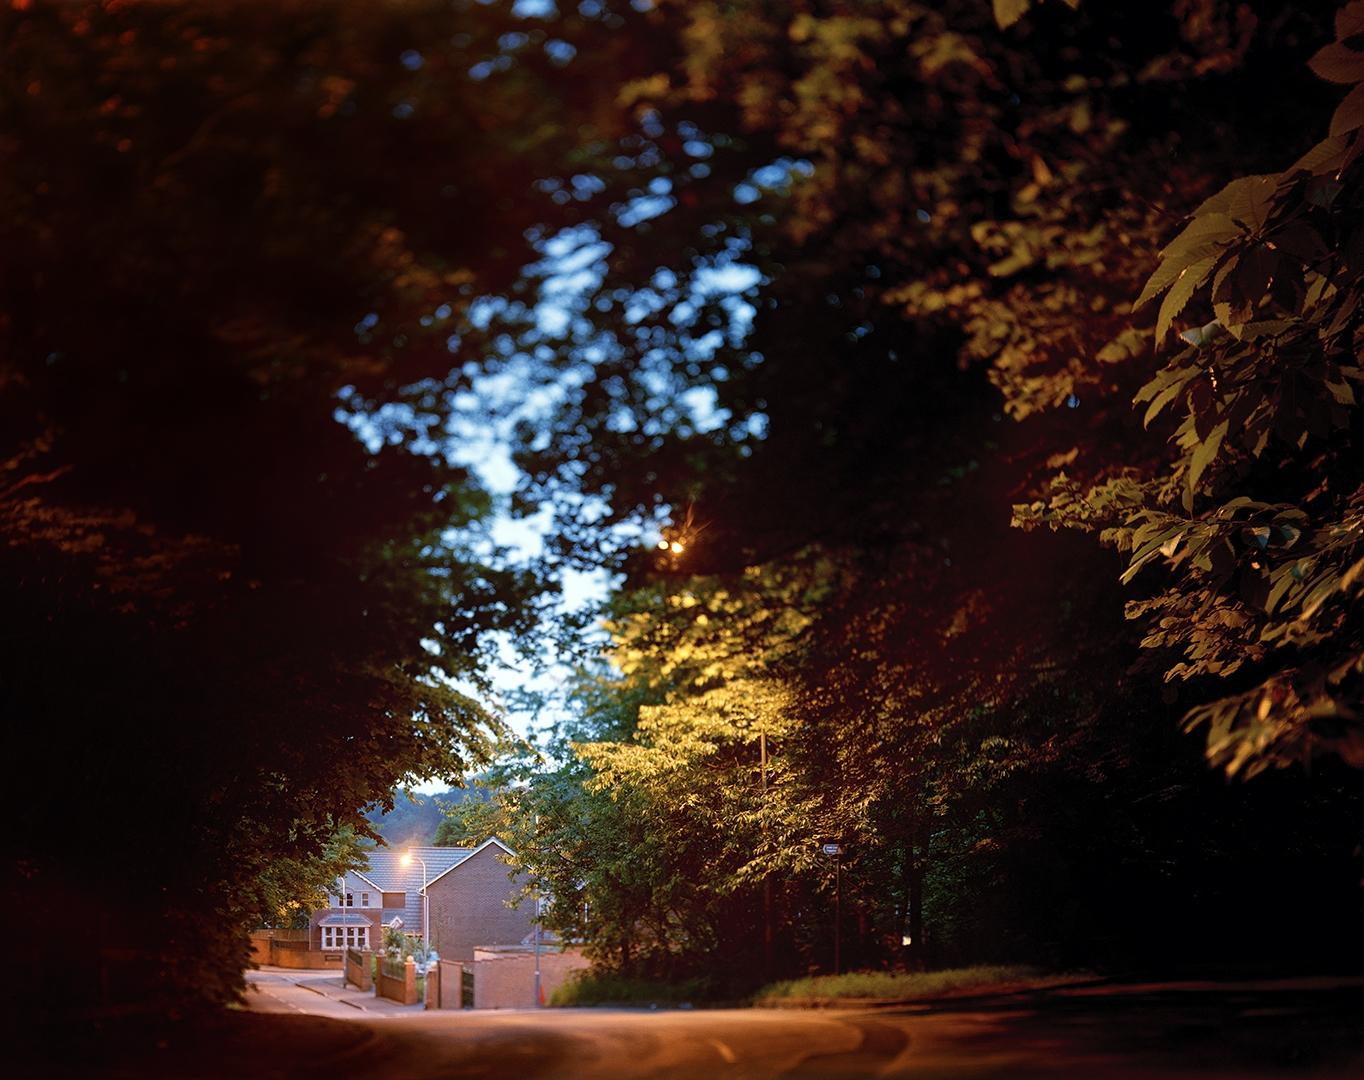 Suburban Exposure 5, 2003